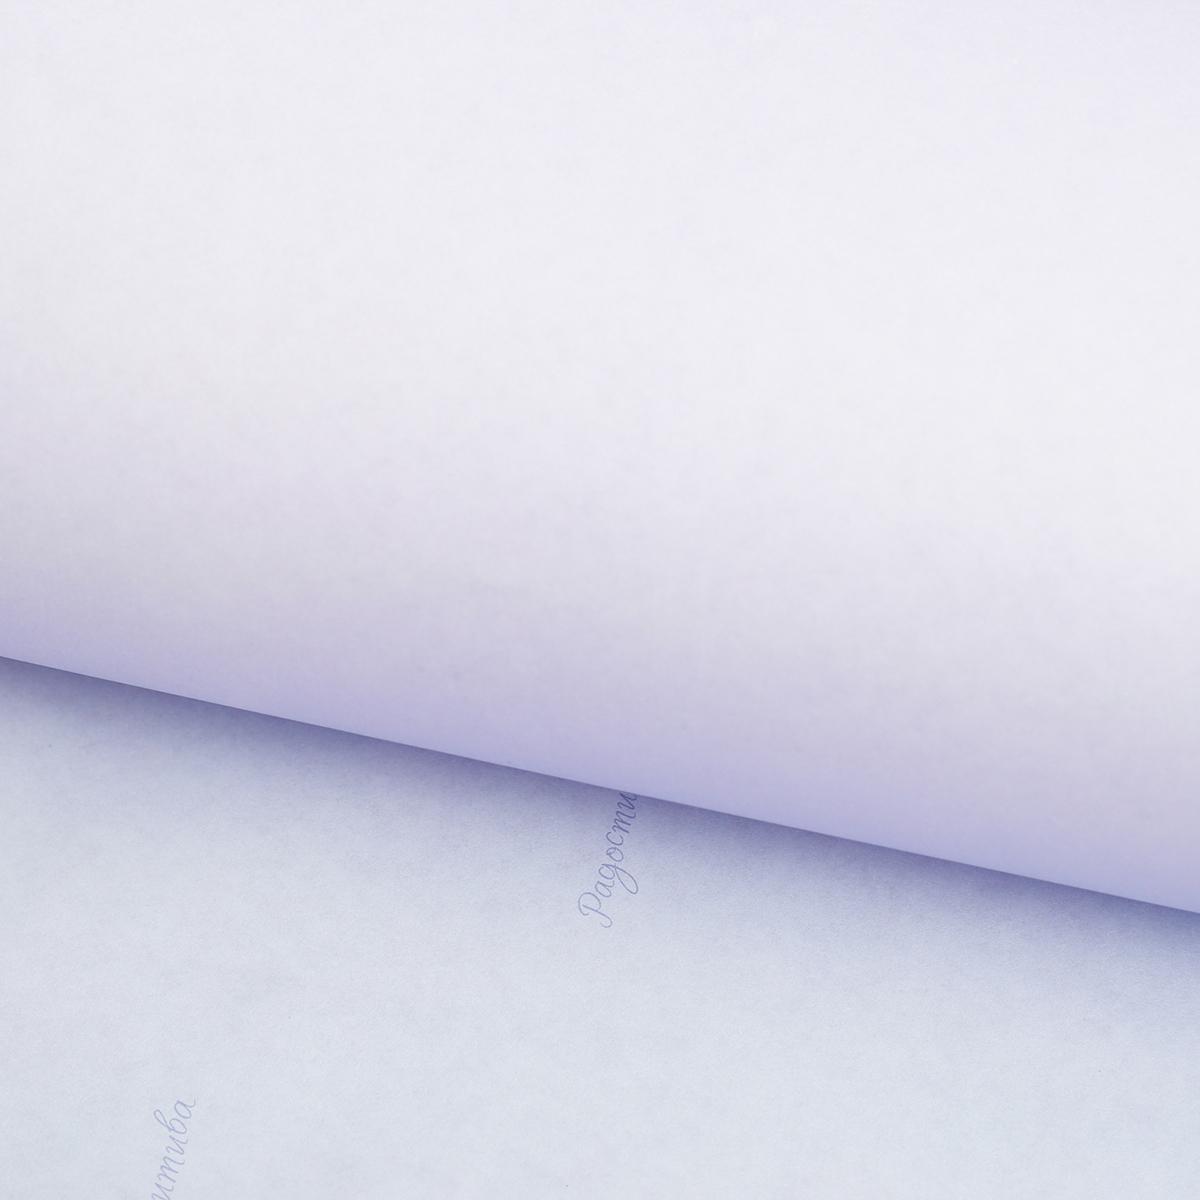 Крафт-бумага Дарите Счастье Пантон. Нежная лаванда, цветная, двусторонняя, 50 х 70 см2741517Любой подарок начинается с упаковки. Что может быть трогательнее и волшебнее, чем ритуал разворачивания полученного презента. И именно оригинальная, со вкусом выбранная упаковка выделит ваш подарок из массы других. Она продемонстрирует самые теплые чувства к виновнику торжества и создаст сказочную атмосферу праздника. Рекомендуем!